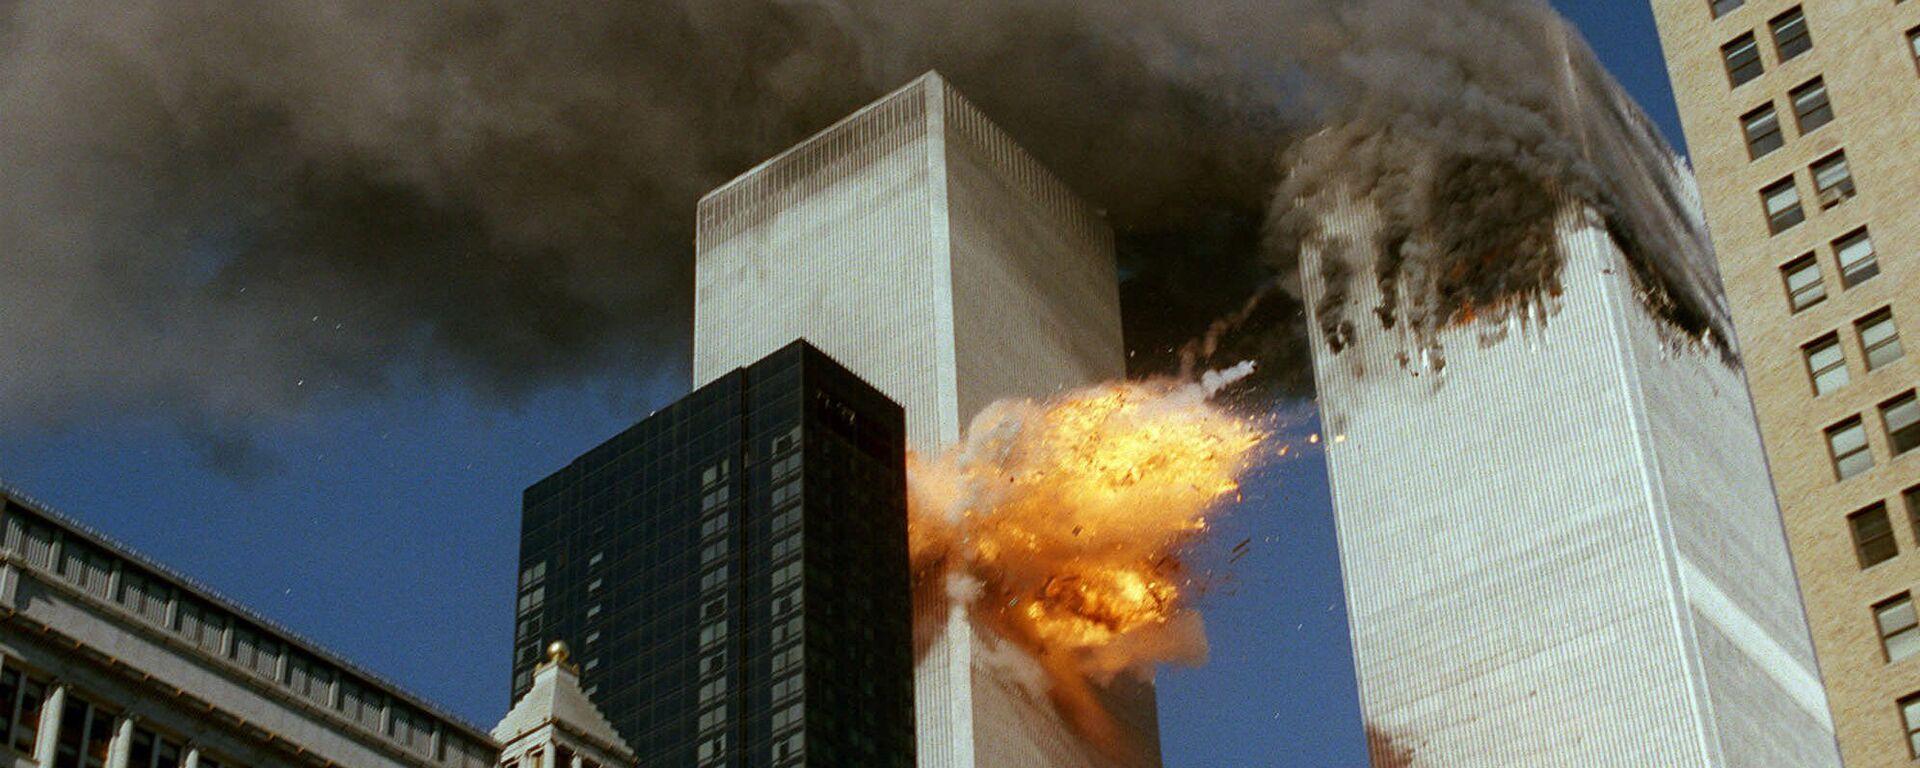 Momento del impacto del vuelo 175 contra la torre sur del World Trade Center, 11 de septiembre 2001 - Sputnik Mundo, 1920, 10.09.2021